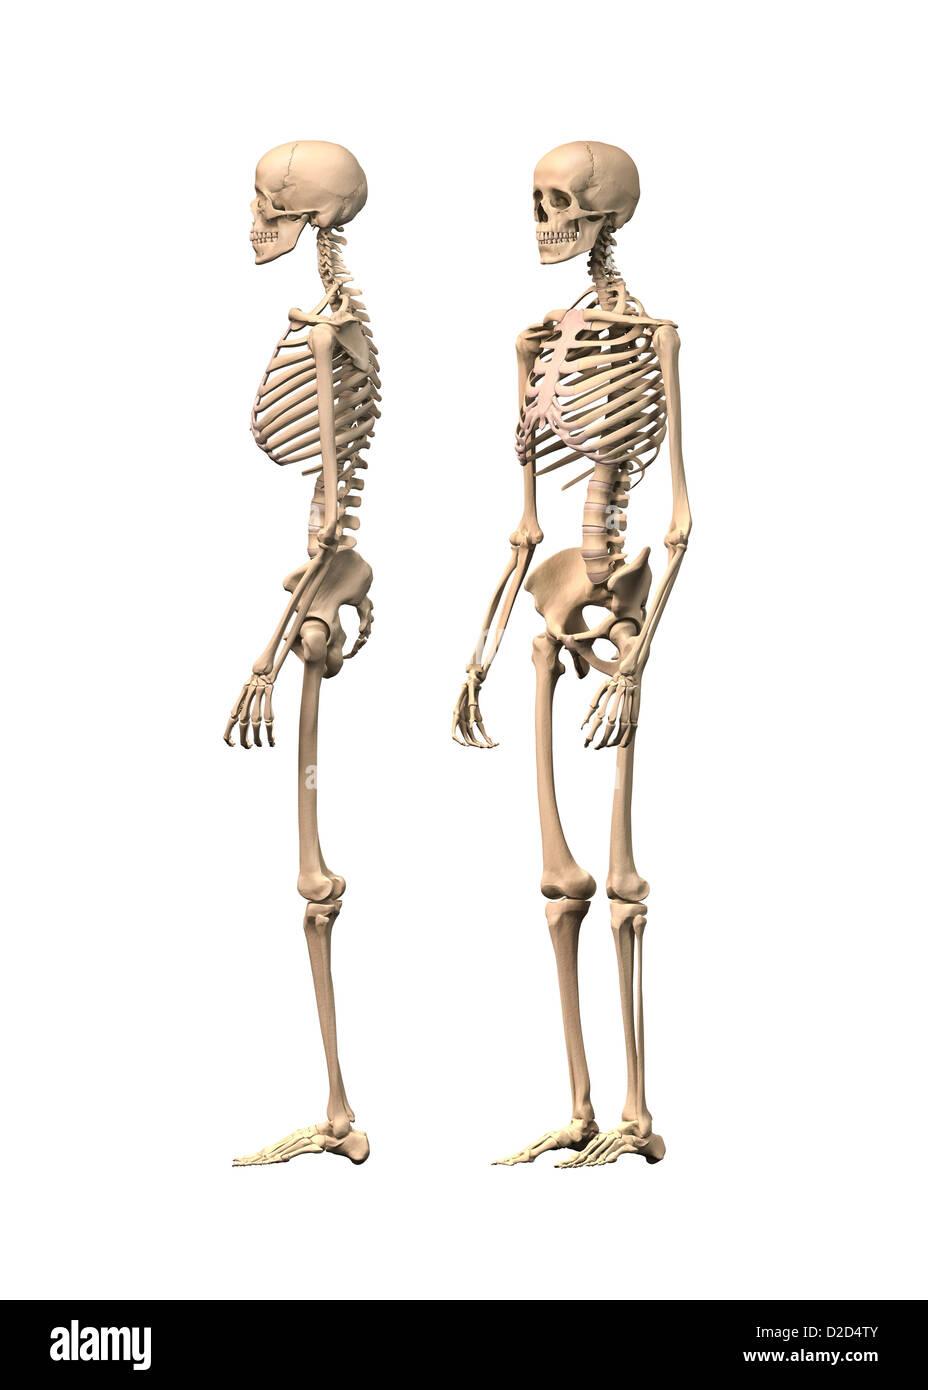 Scheletro umano illustrazione del computer Immagini Stock